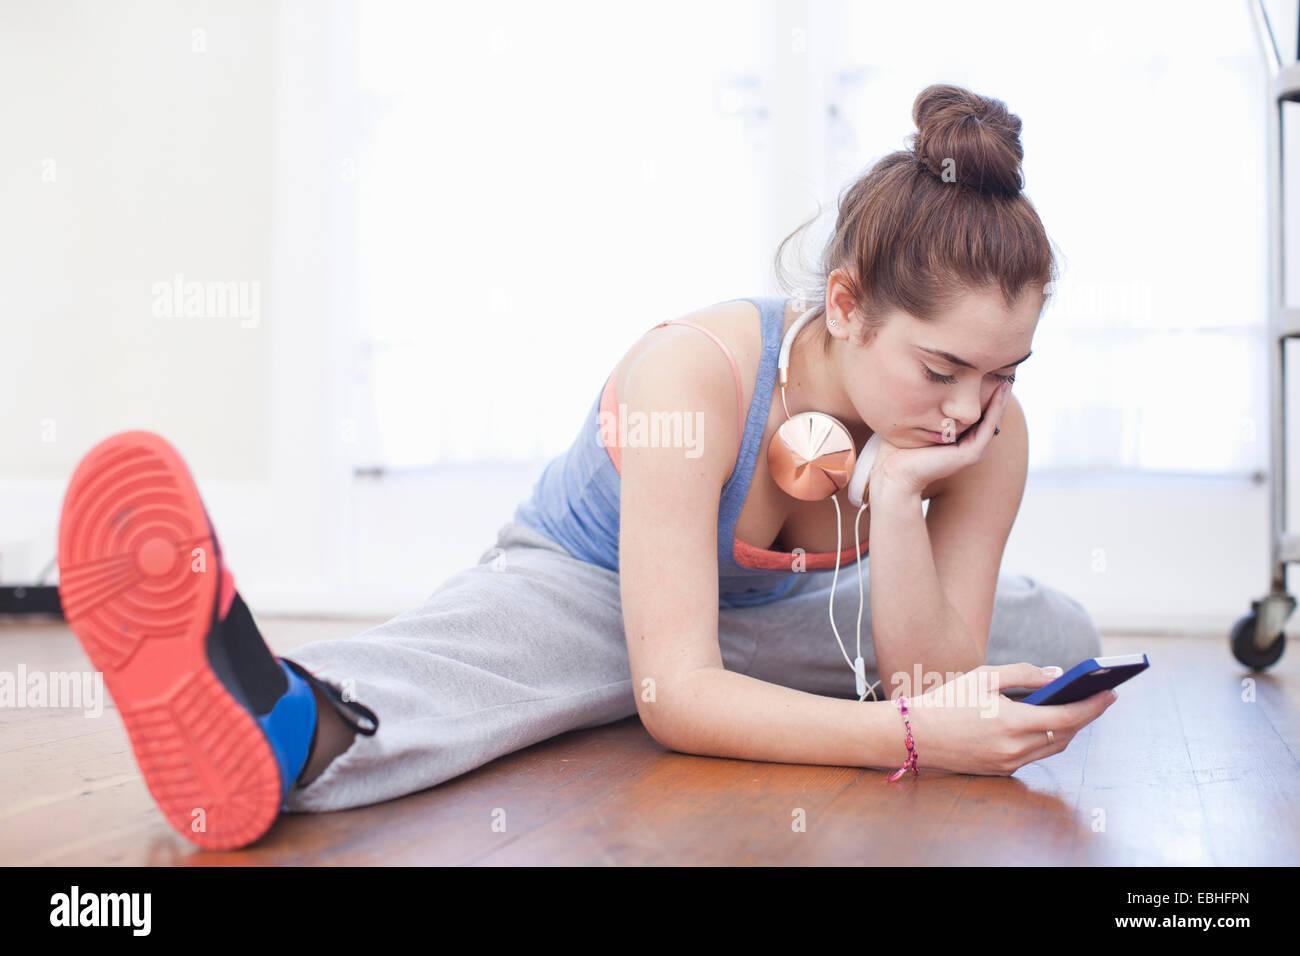 Adolescente calentando y mirando al smartphone en ballet school Imagen De Stock